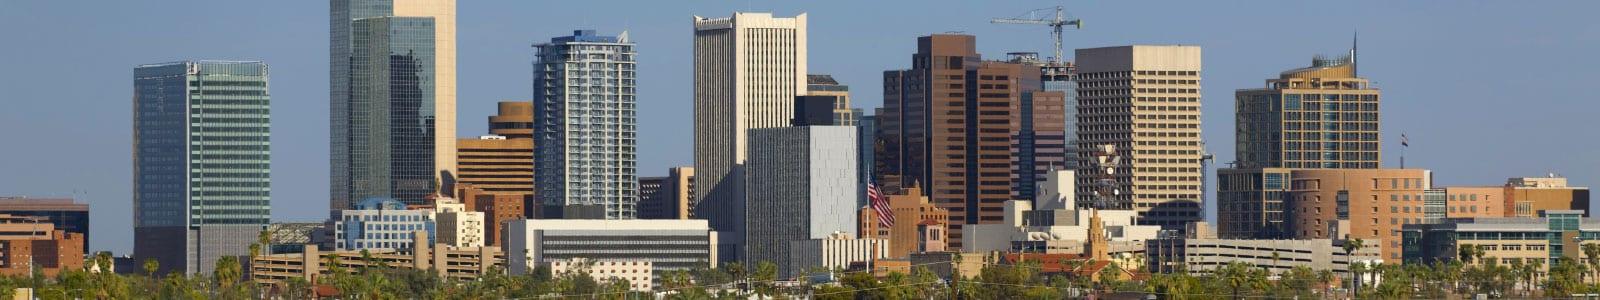 Distant view of the Nunez & Associates building in phoenix AZ